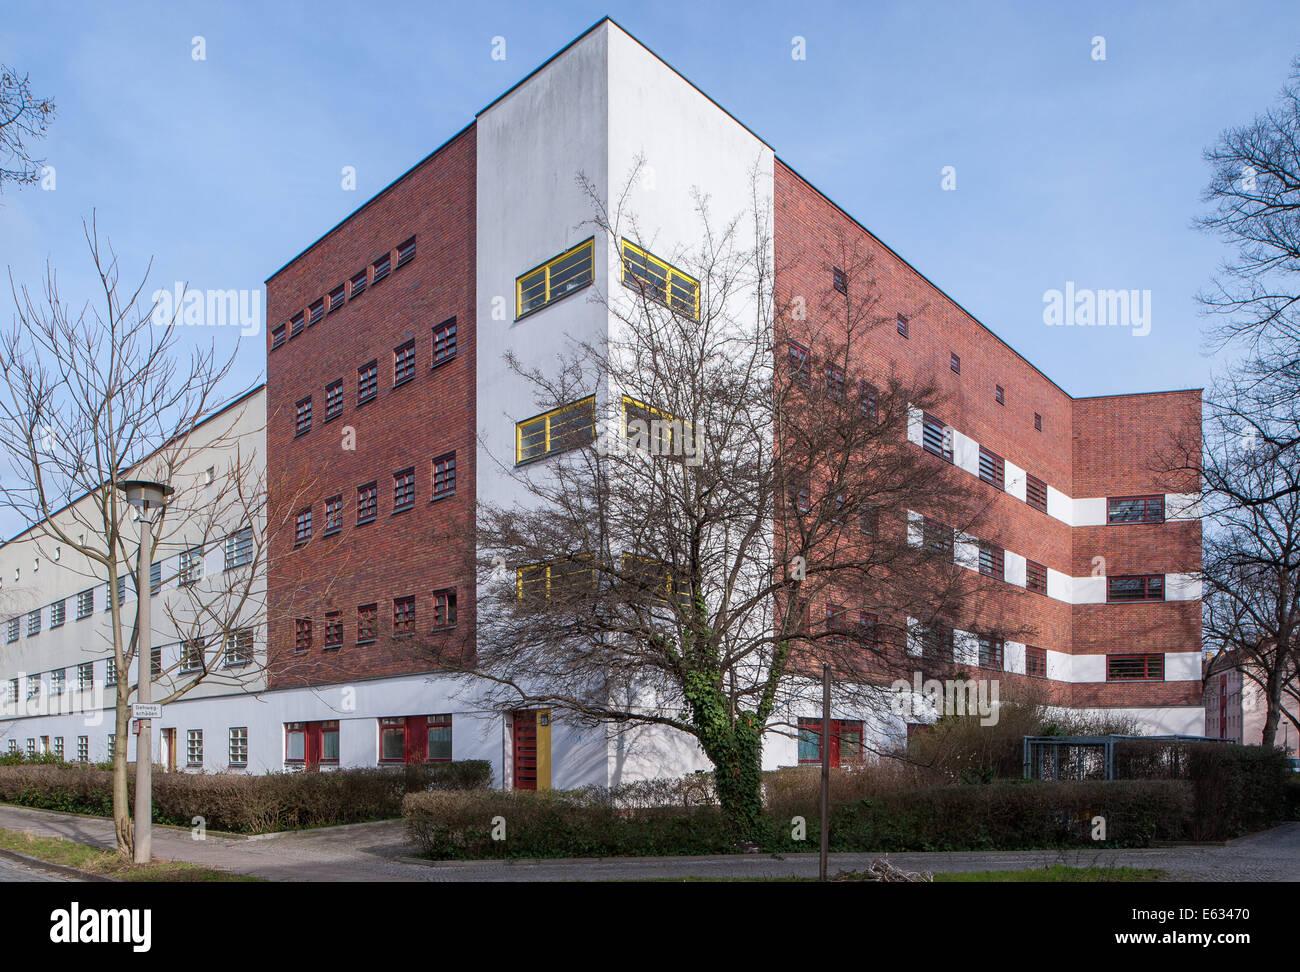 Bauhaus Pankow bauhaus style stock photos bauhaus style stock images alamy